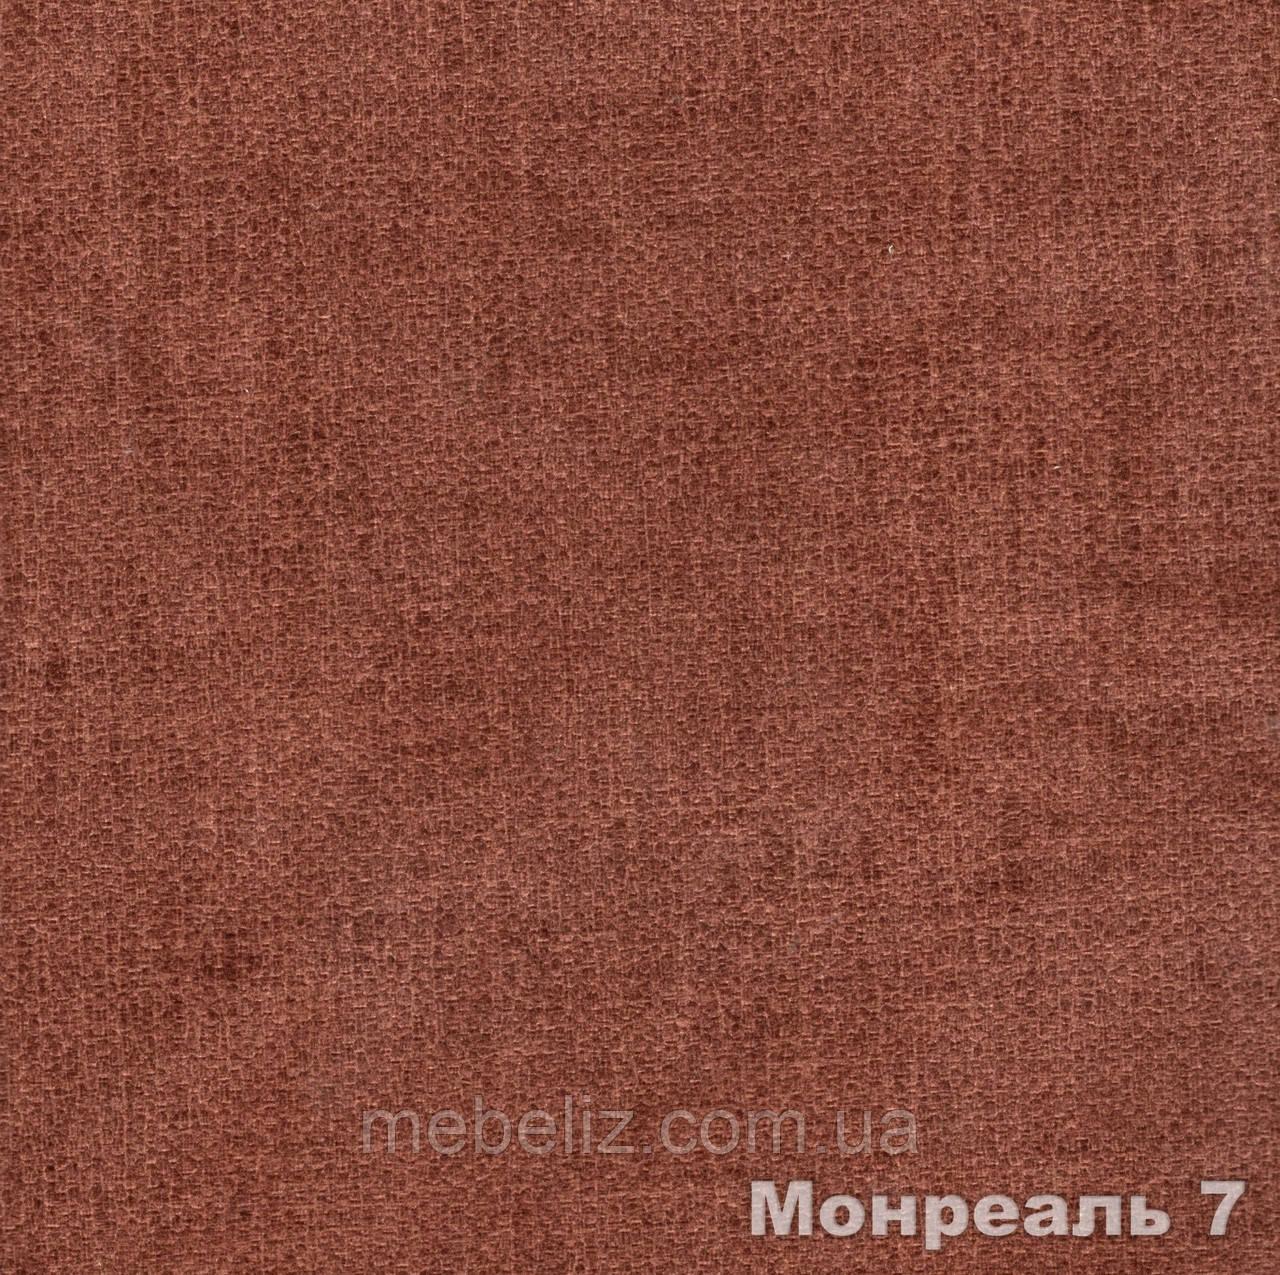 Тканина меблева для оббивки Монреаль 7